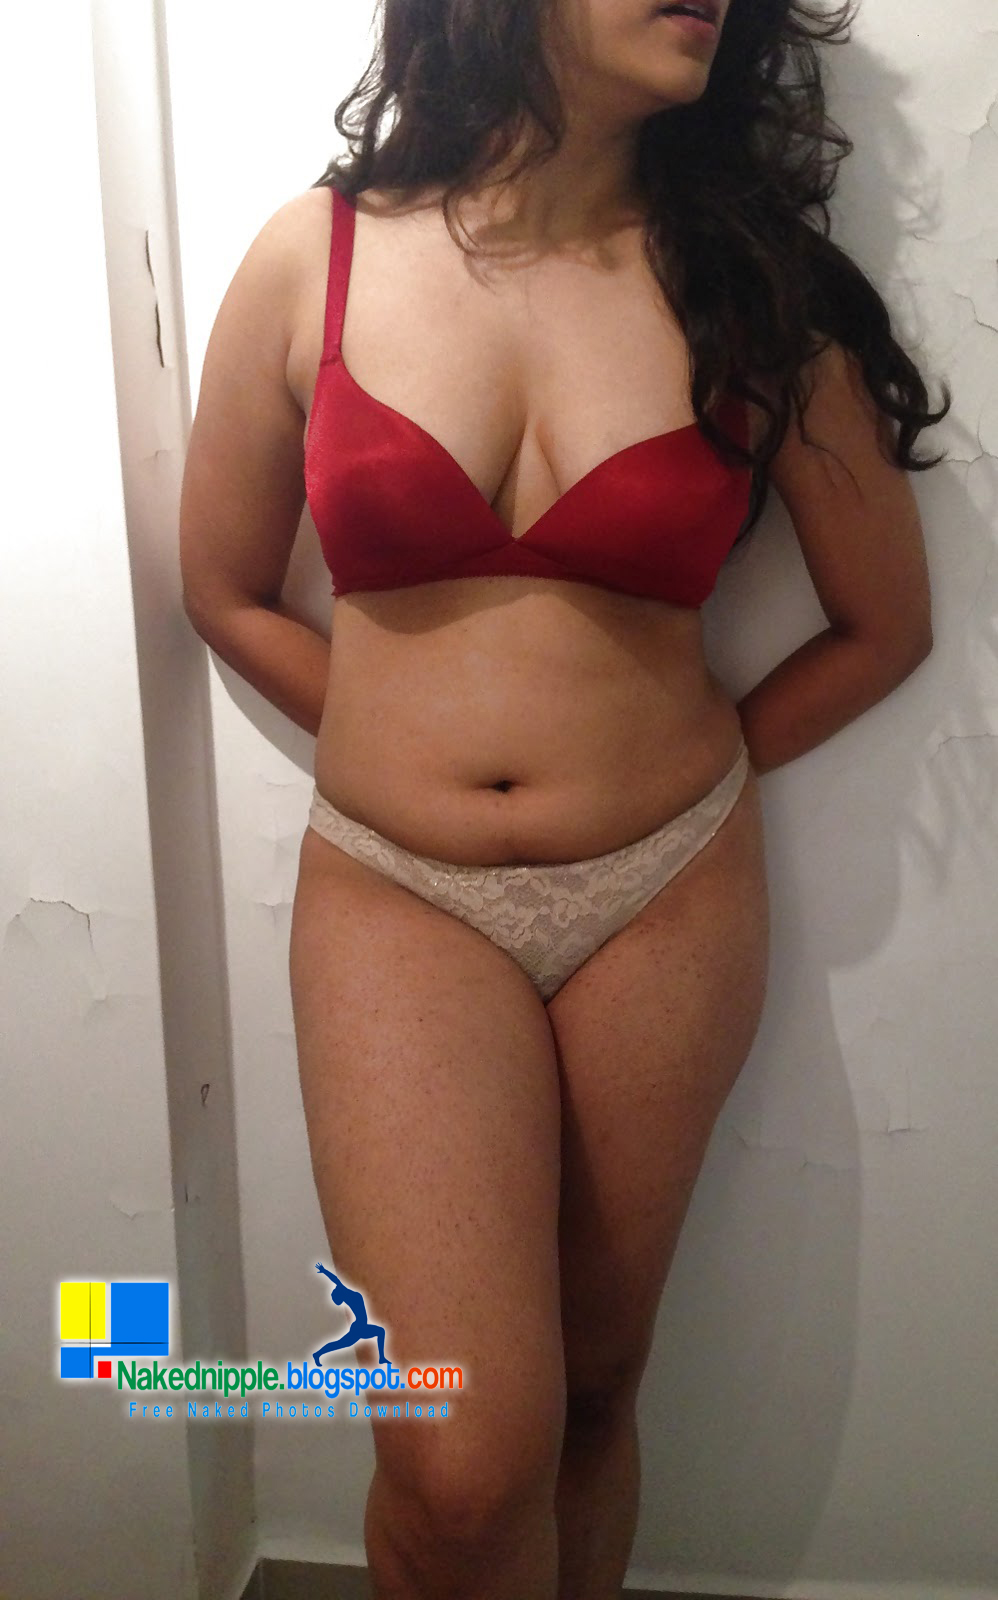 Gujarati Bhabhi Having Sex